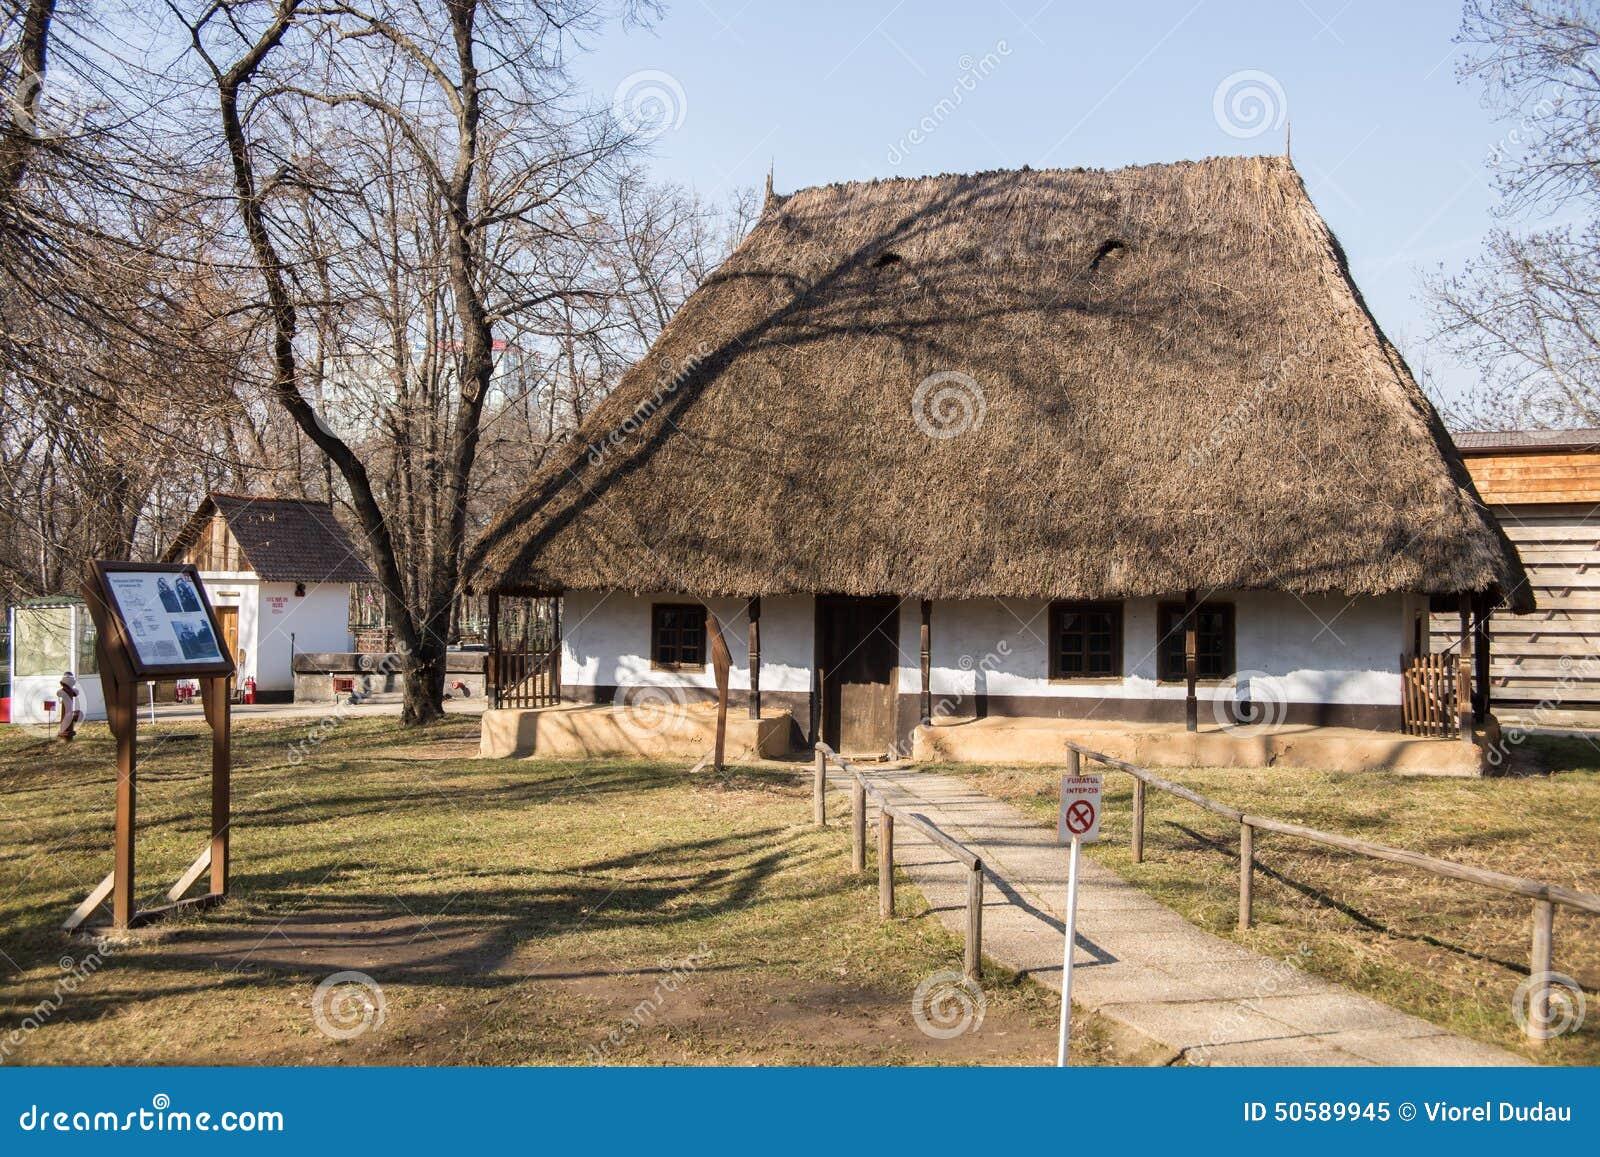 Village museum muzeul satului editorial image image 50589945 - Romanian peasant houses ...